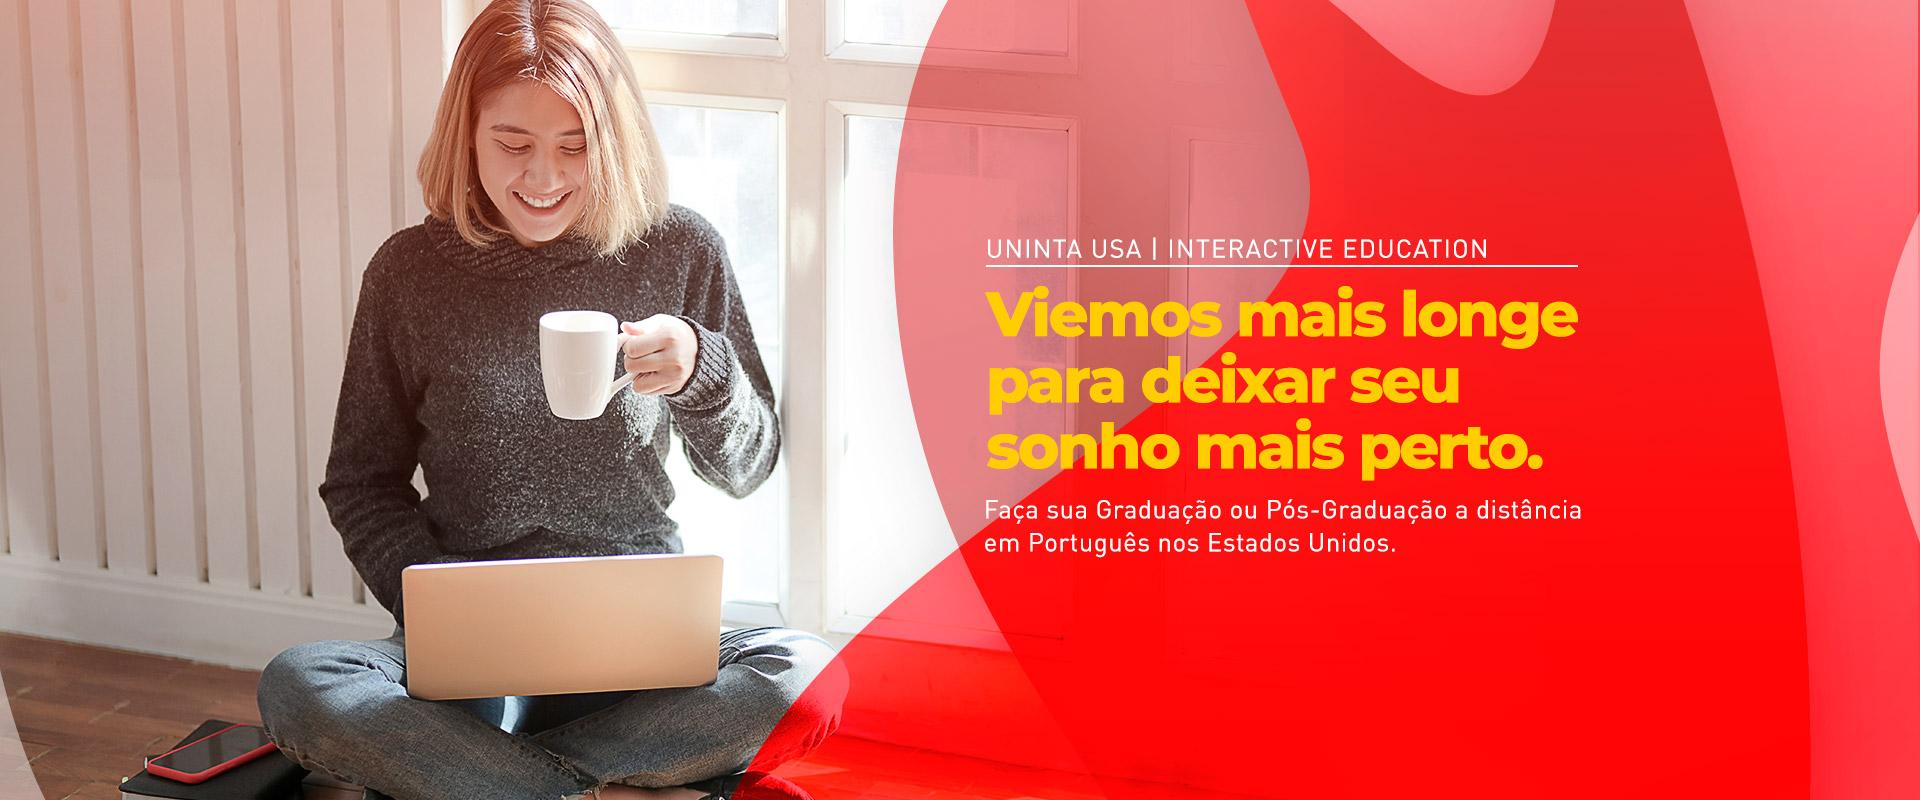 UNINTA USA - Graduação e Pós-graduação online para Brasileiros